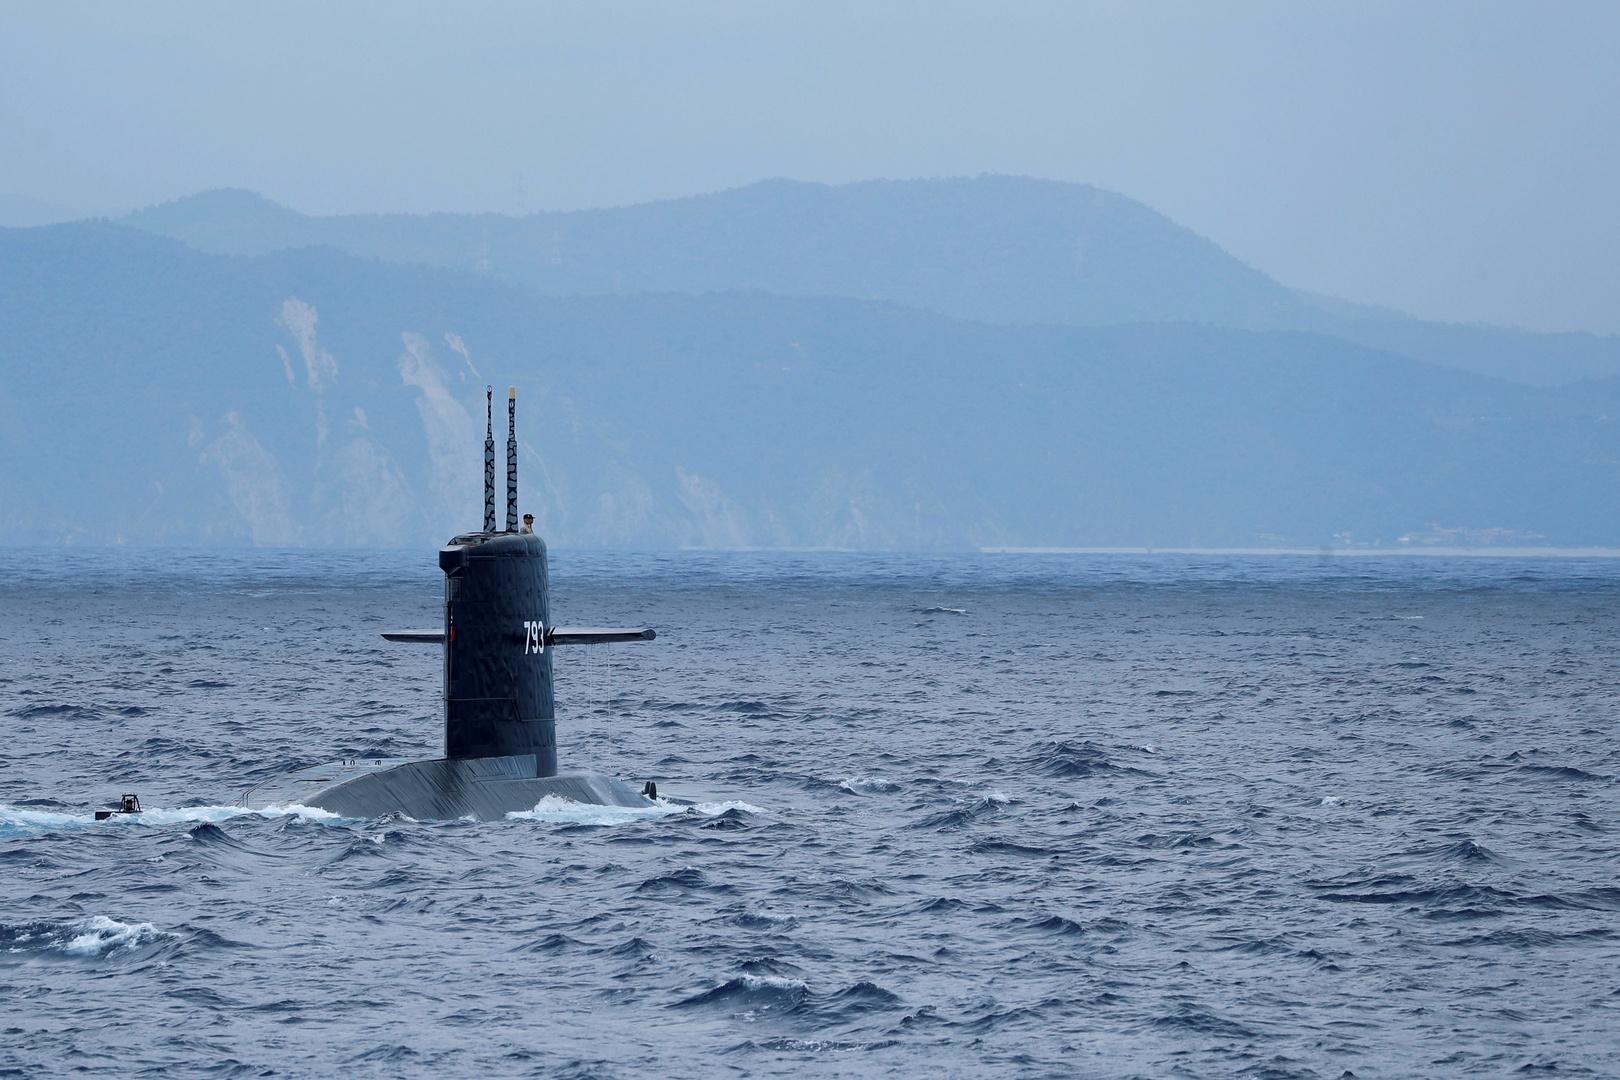 غواصة Hai Lung SS-793  خلال تدريبات بالقرب من قاعدة ييلان البحرية بتايوان في 13 أبريل 2018.